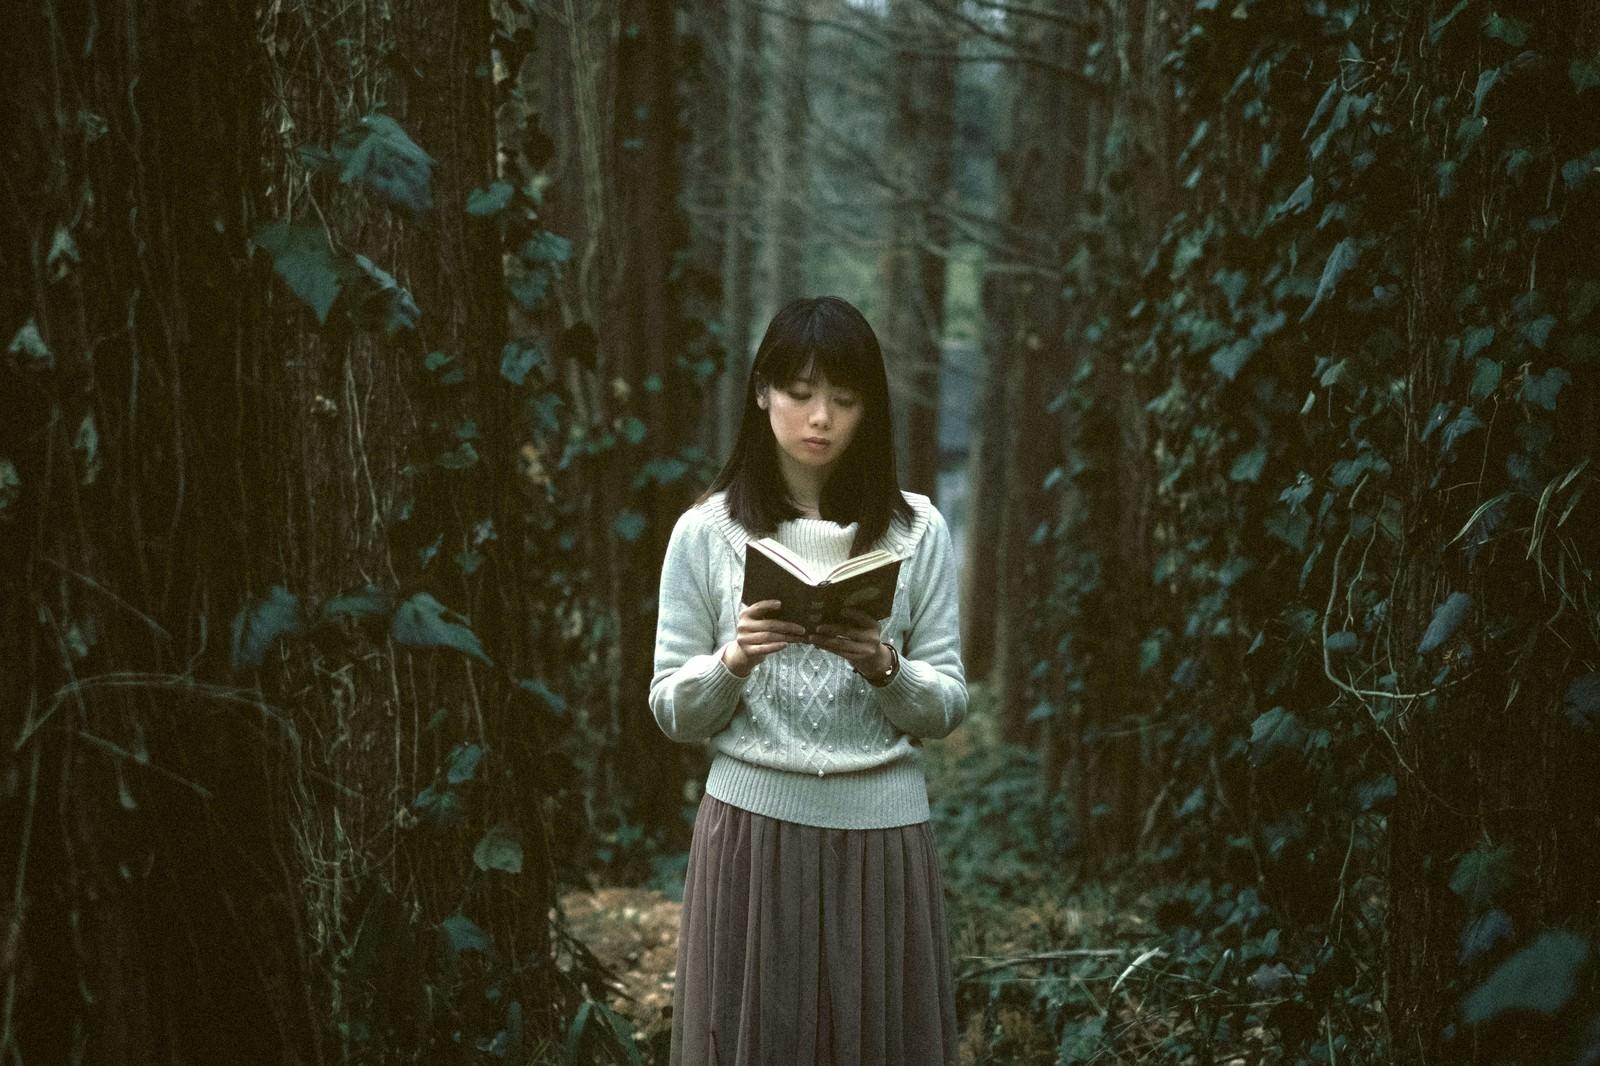 「深い森に迷い込んだ読書美女」の写真[モデル:白鳥片栗粉]